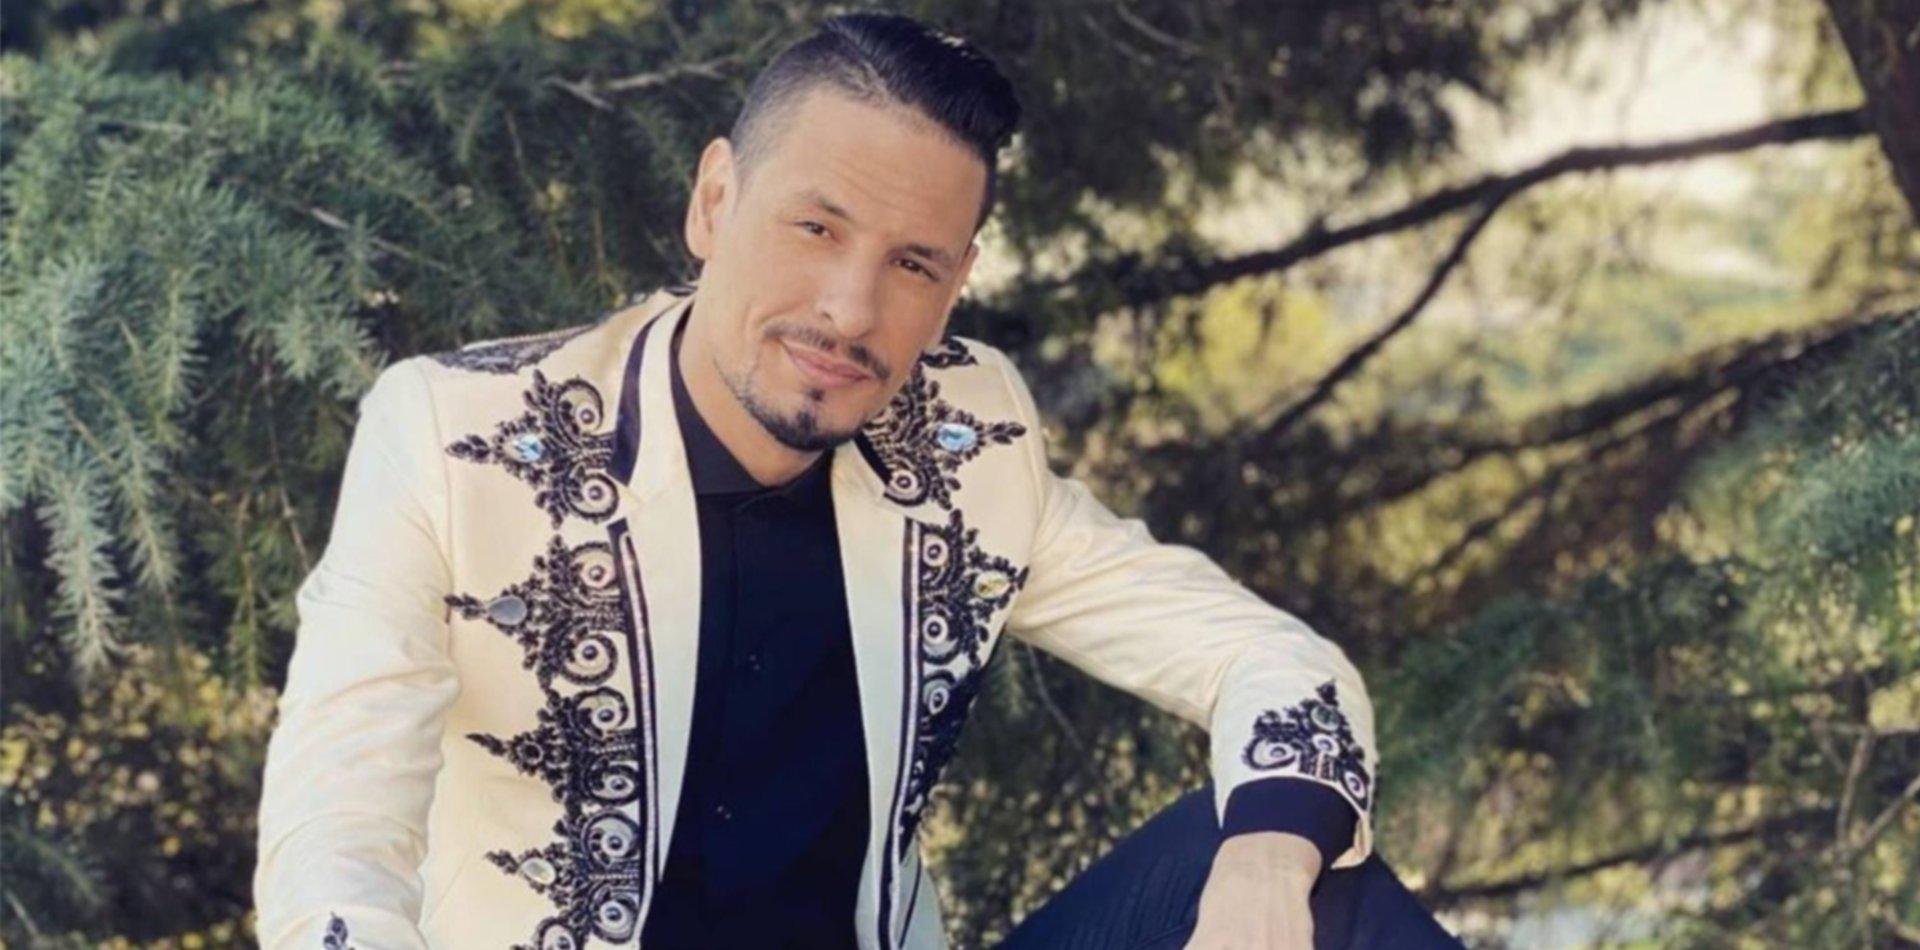 Se viene el auto-show en vivo de Rodrigo Tapari en La Plata